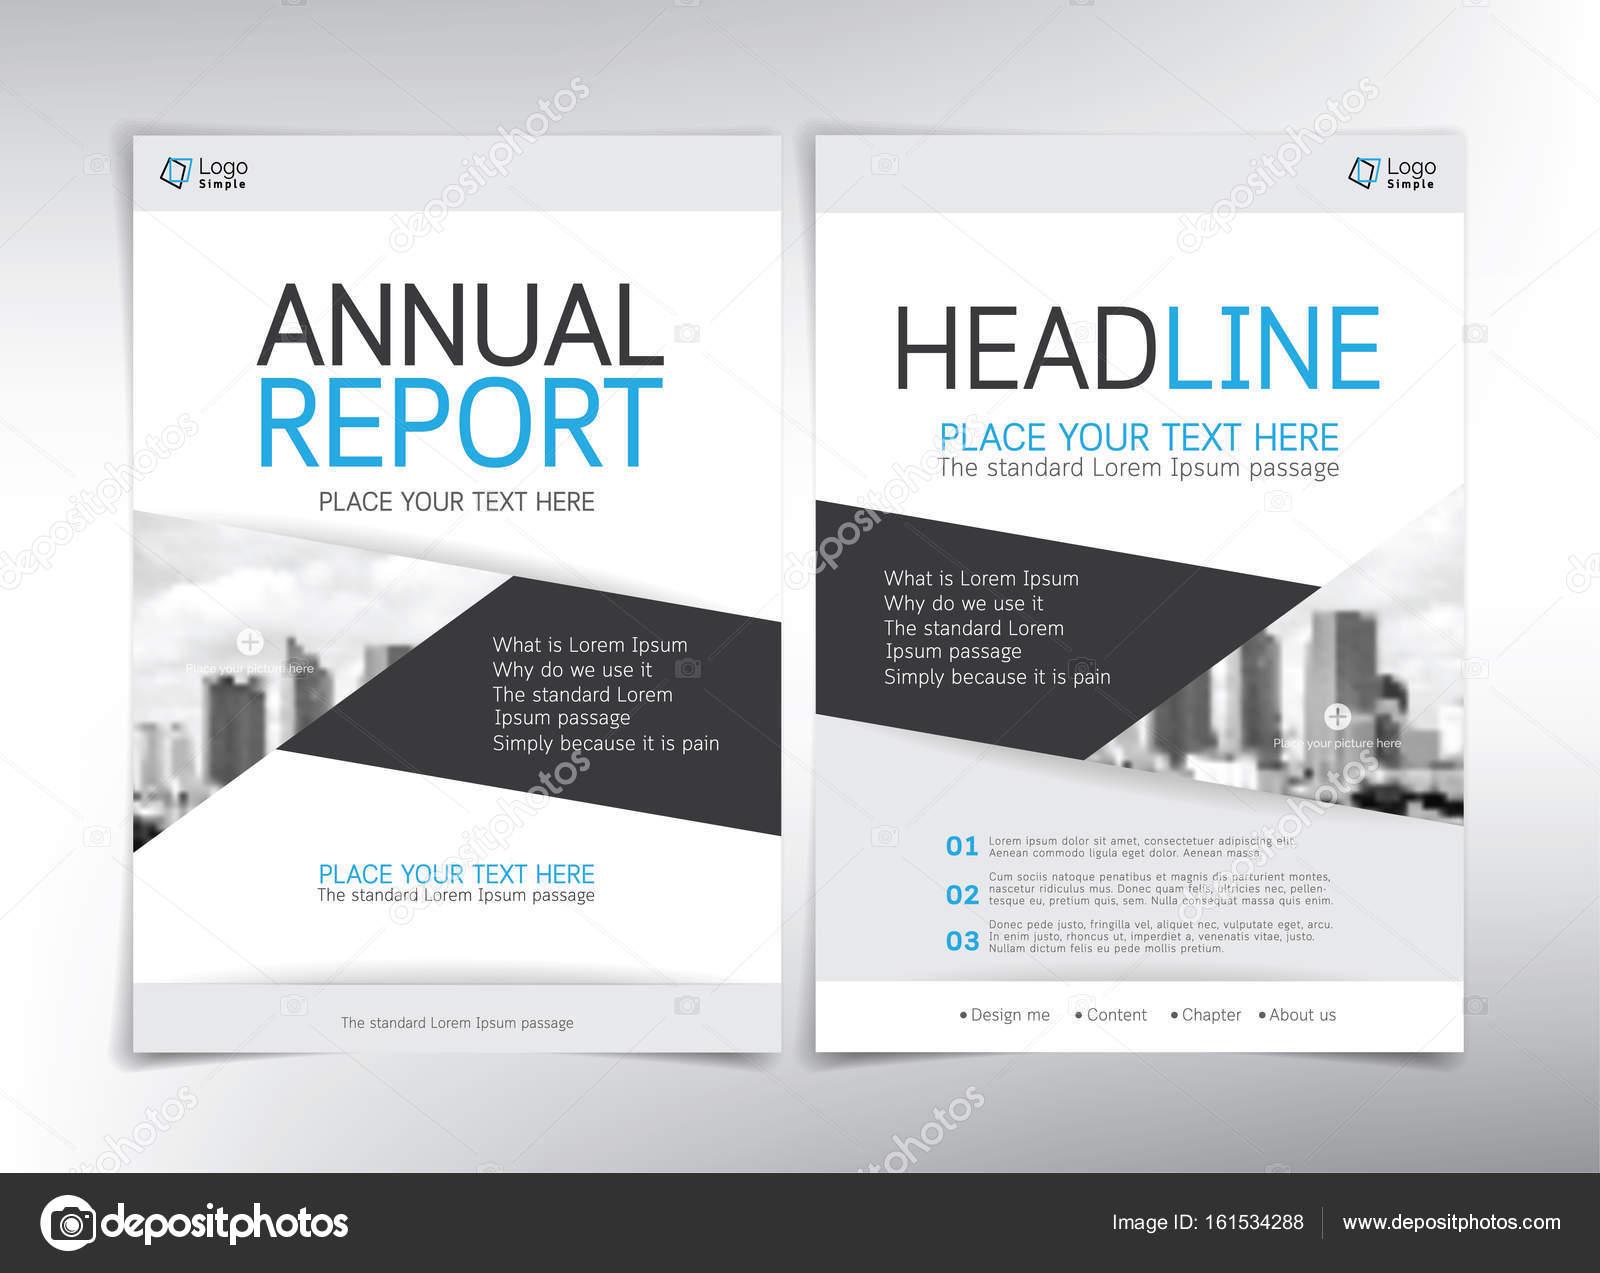 Moderne Business Deckblatt Vektor Vorlage Weiss Blau Und Grau